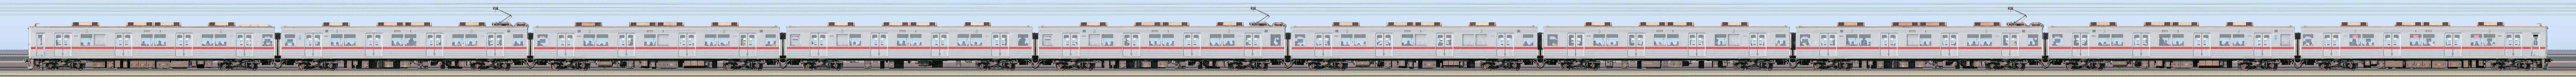 東武9050型9151編成(海側)の編成サイドビュー